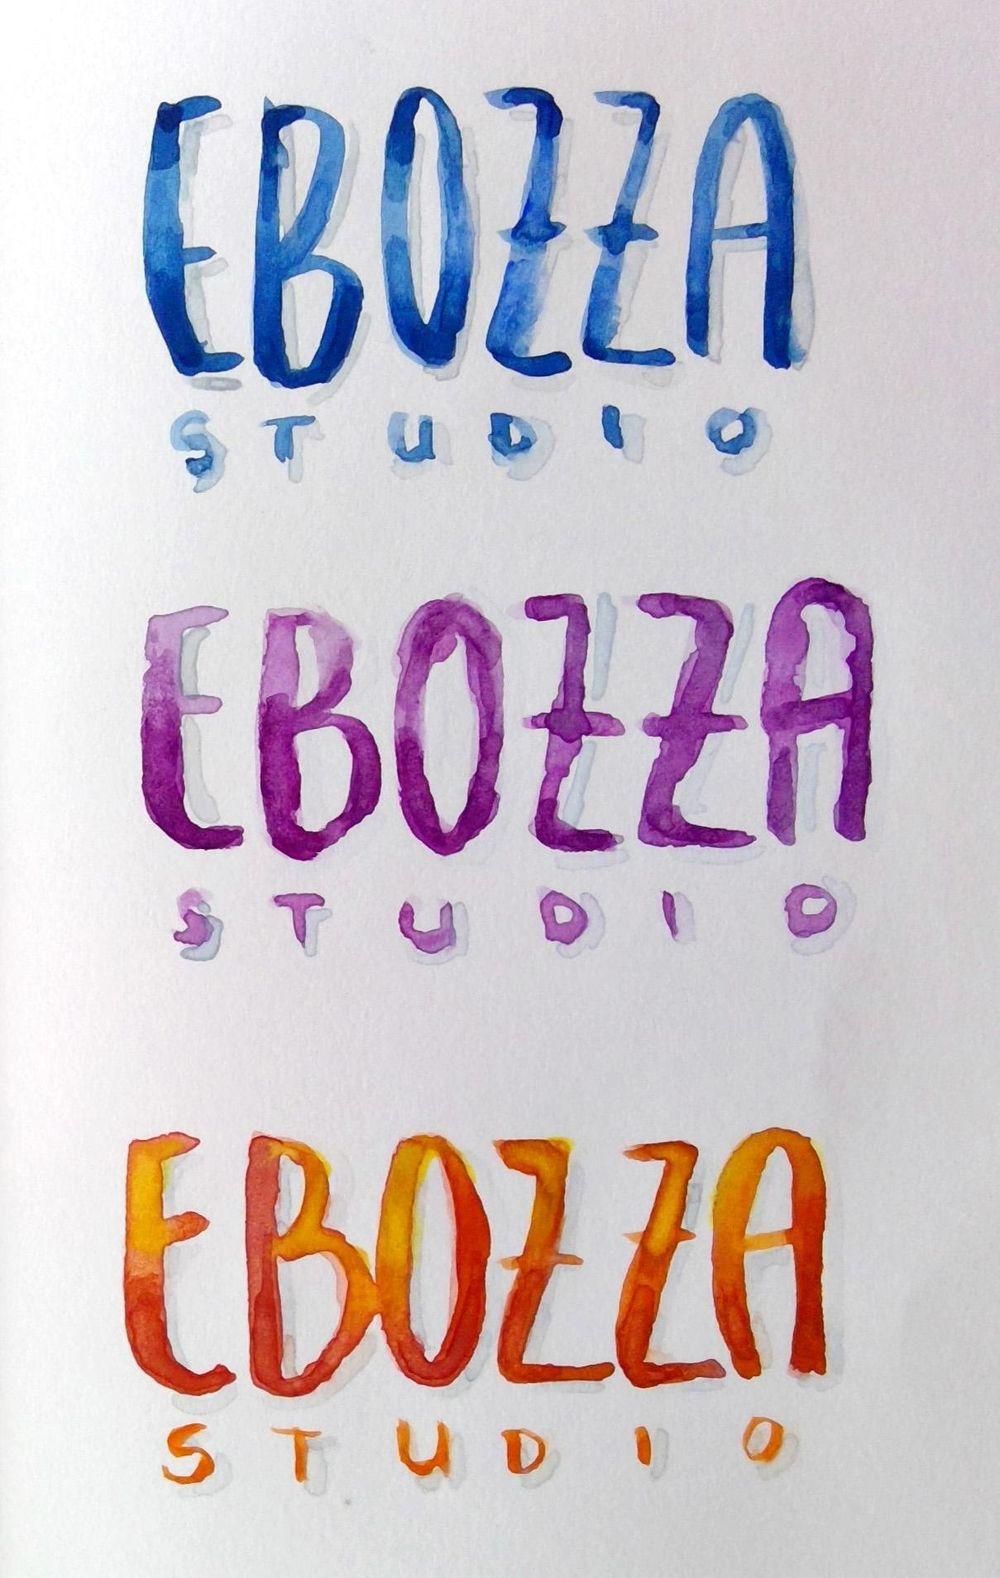 Elaine Bozza (@ebozzastudio logo) - image 1 - student project